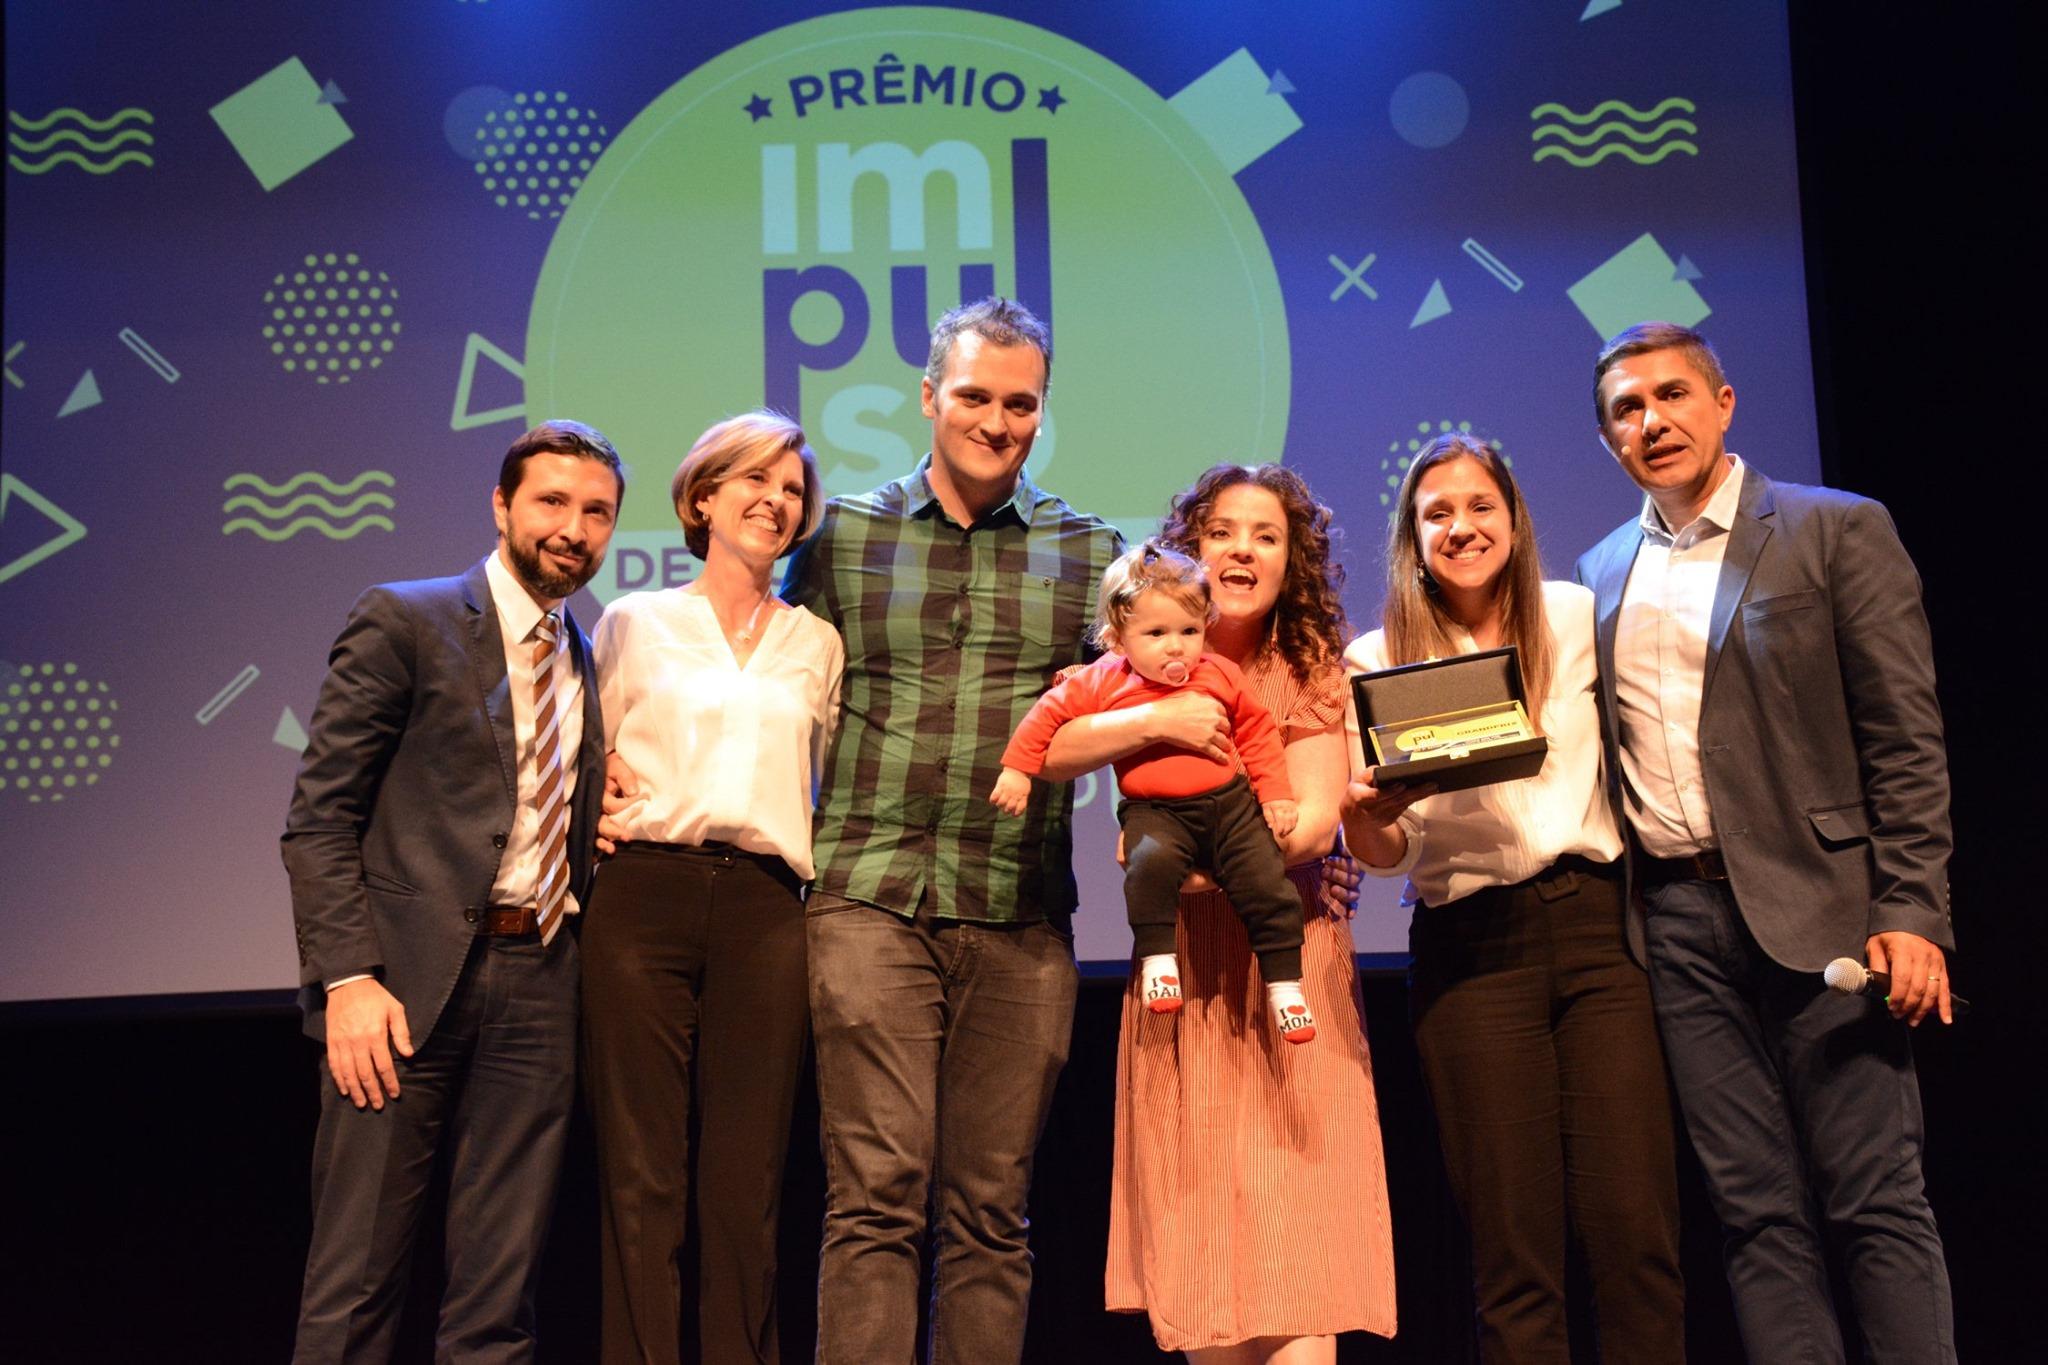 Evento de premiação Programa Impulso, 2019.